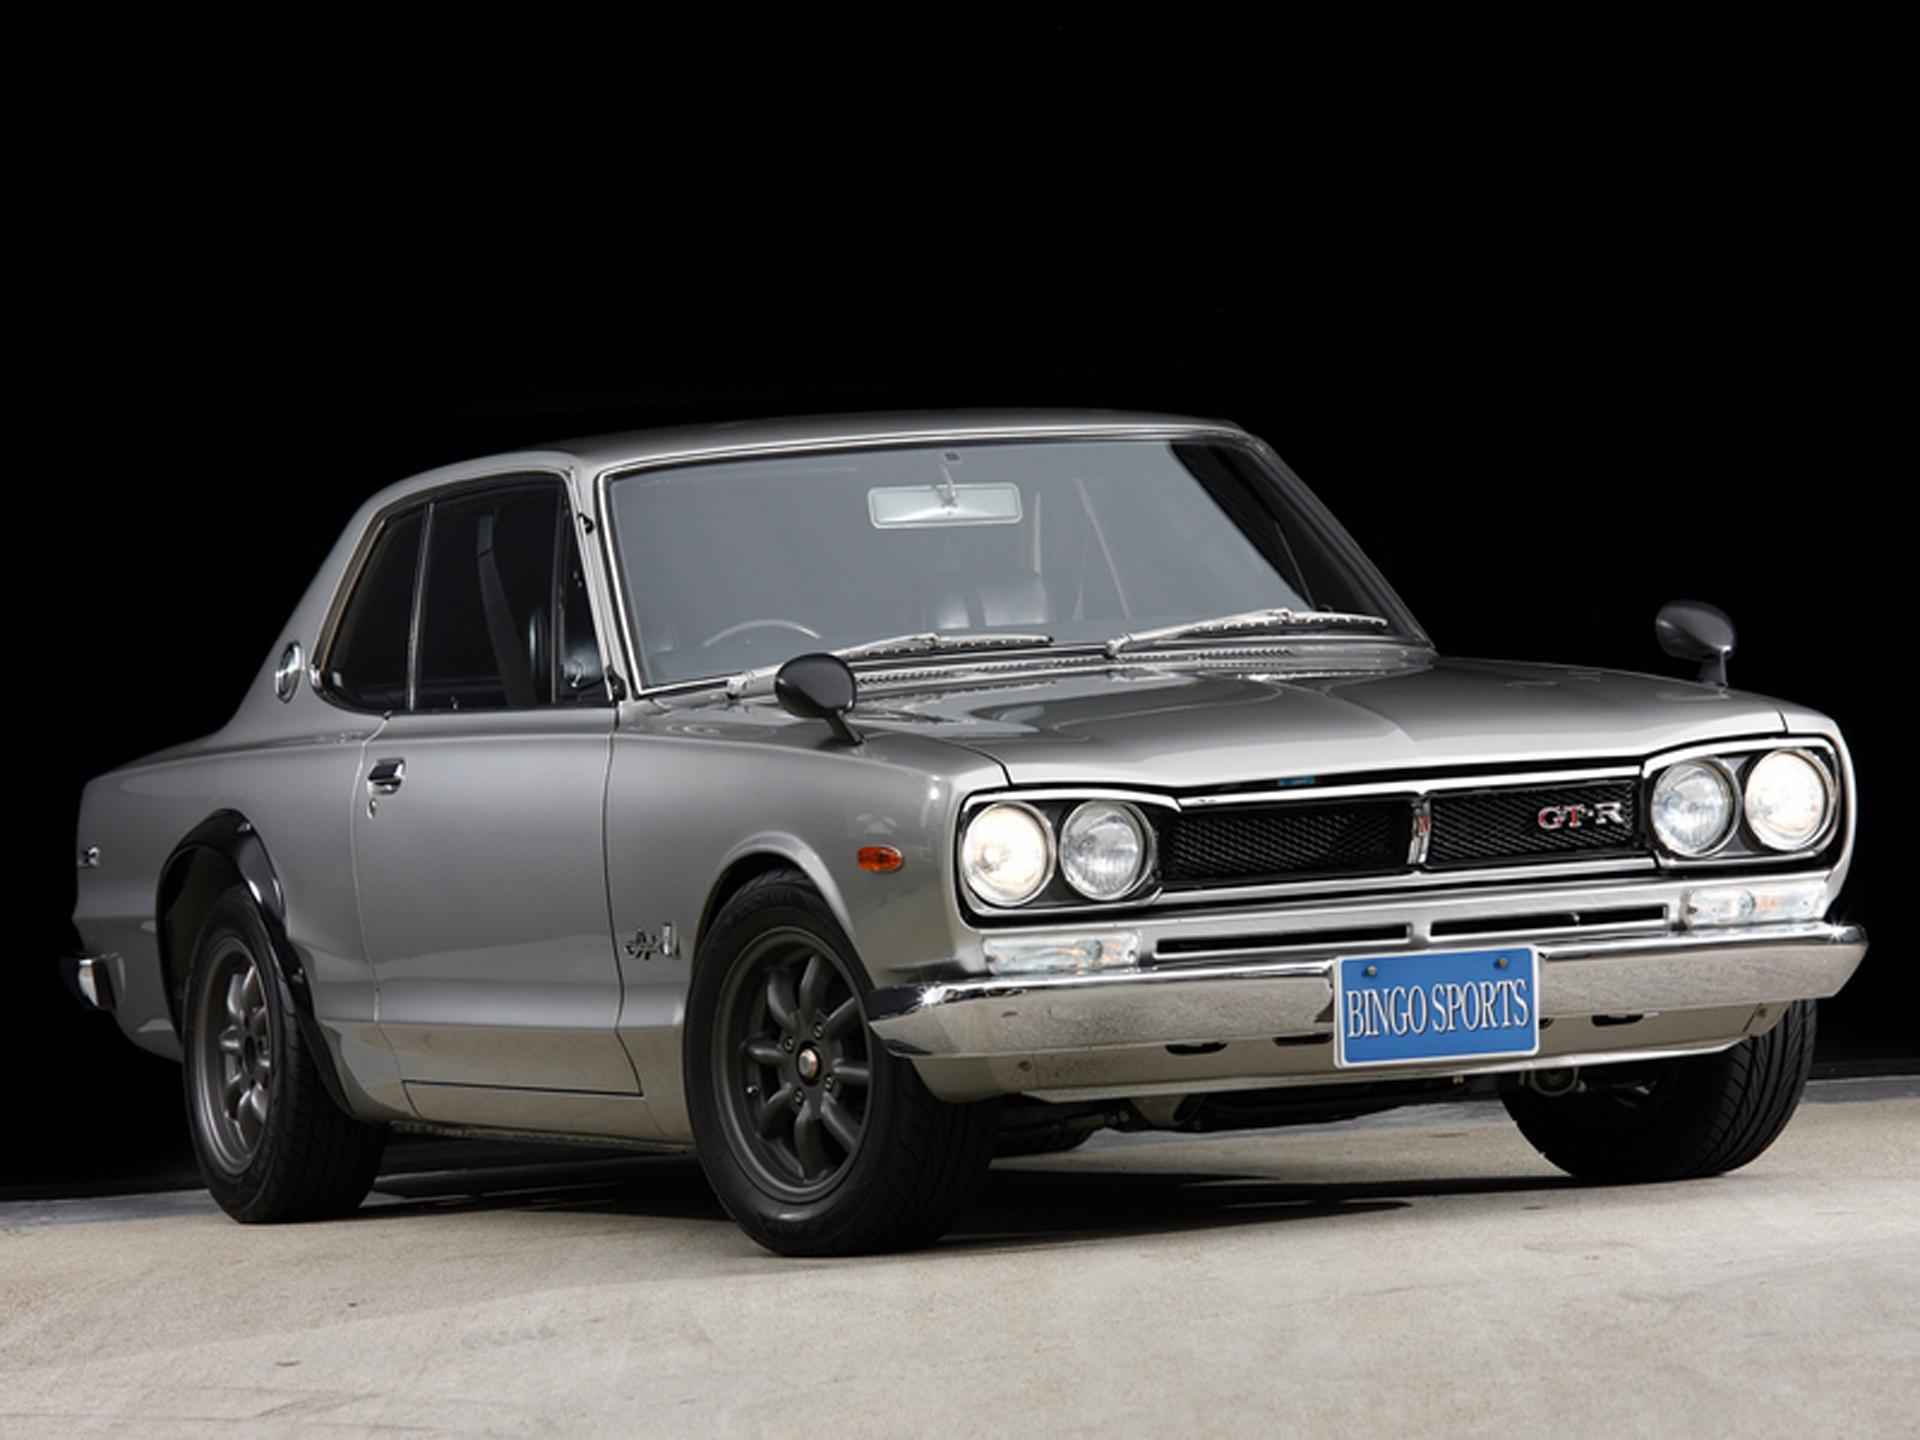 1969 Skyline 2000 GT-R. Fue el modelo que inició el pedigrí deportivo de Nissan. Aunque la firma ya llevaba múltiples años fabricando el Skyline, fue hasta 1969 que tomó otra dirección. La primera generación de GT-R montaba un motor 2.0 litros de 06 tubos que producía hasta 160 hp, en una retransmisión manual de 06 vel. Aunque duró pocos años en el mercado, su legado perdura hasta nuestros días. Foto: Flickr